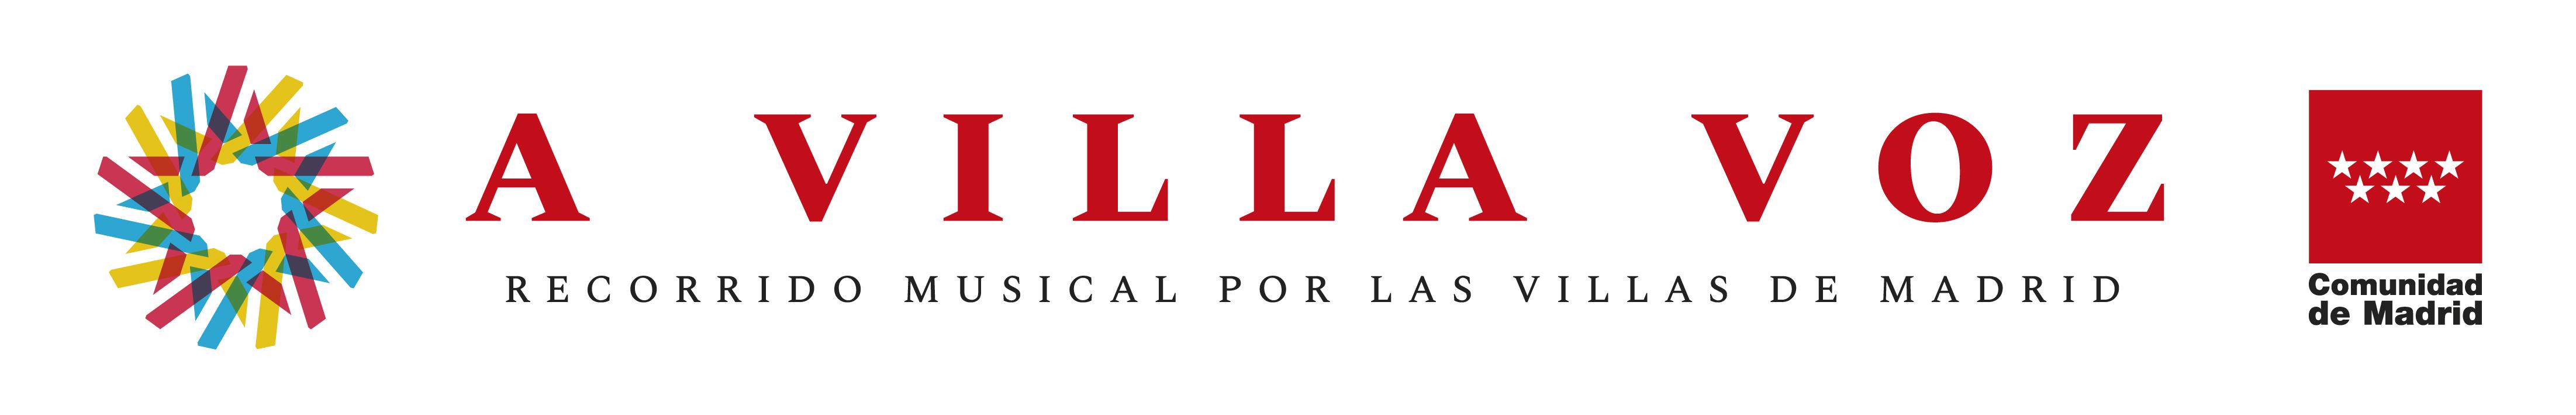 Imagen del título del ciclo A Villa Voz del Coro de la Comunidad de Madrid en las 11 Villas de Madrid